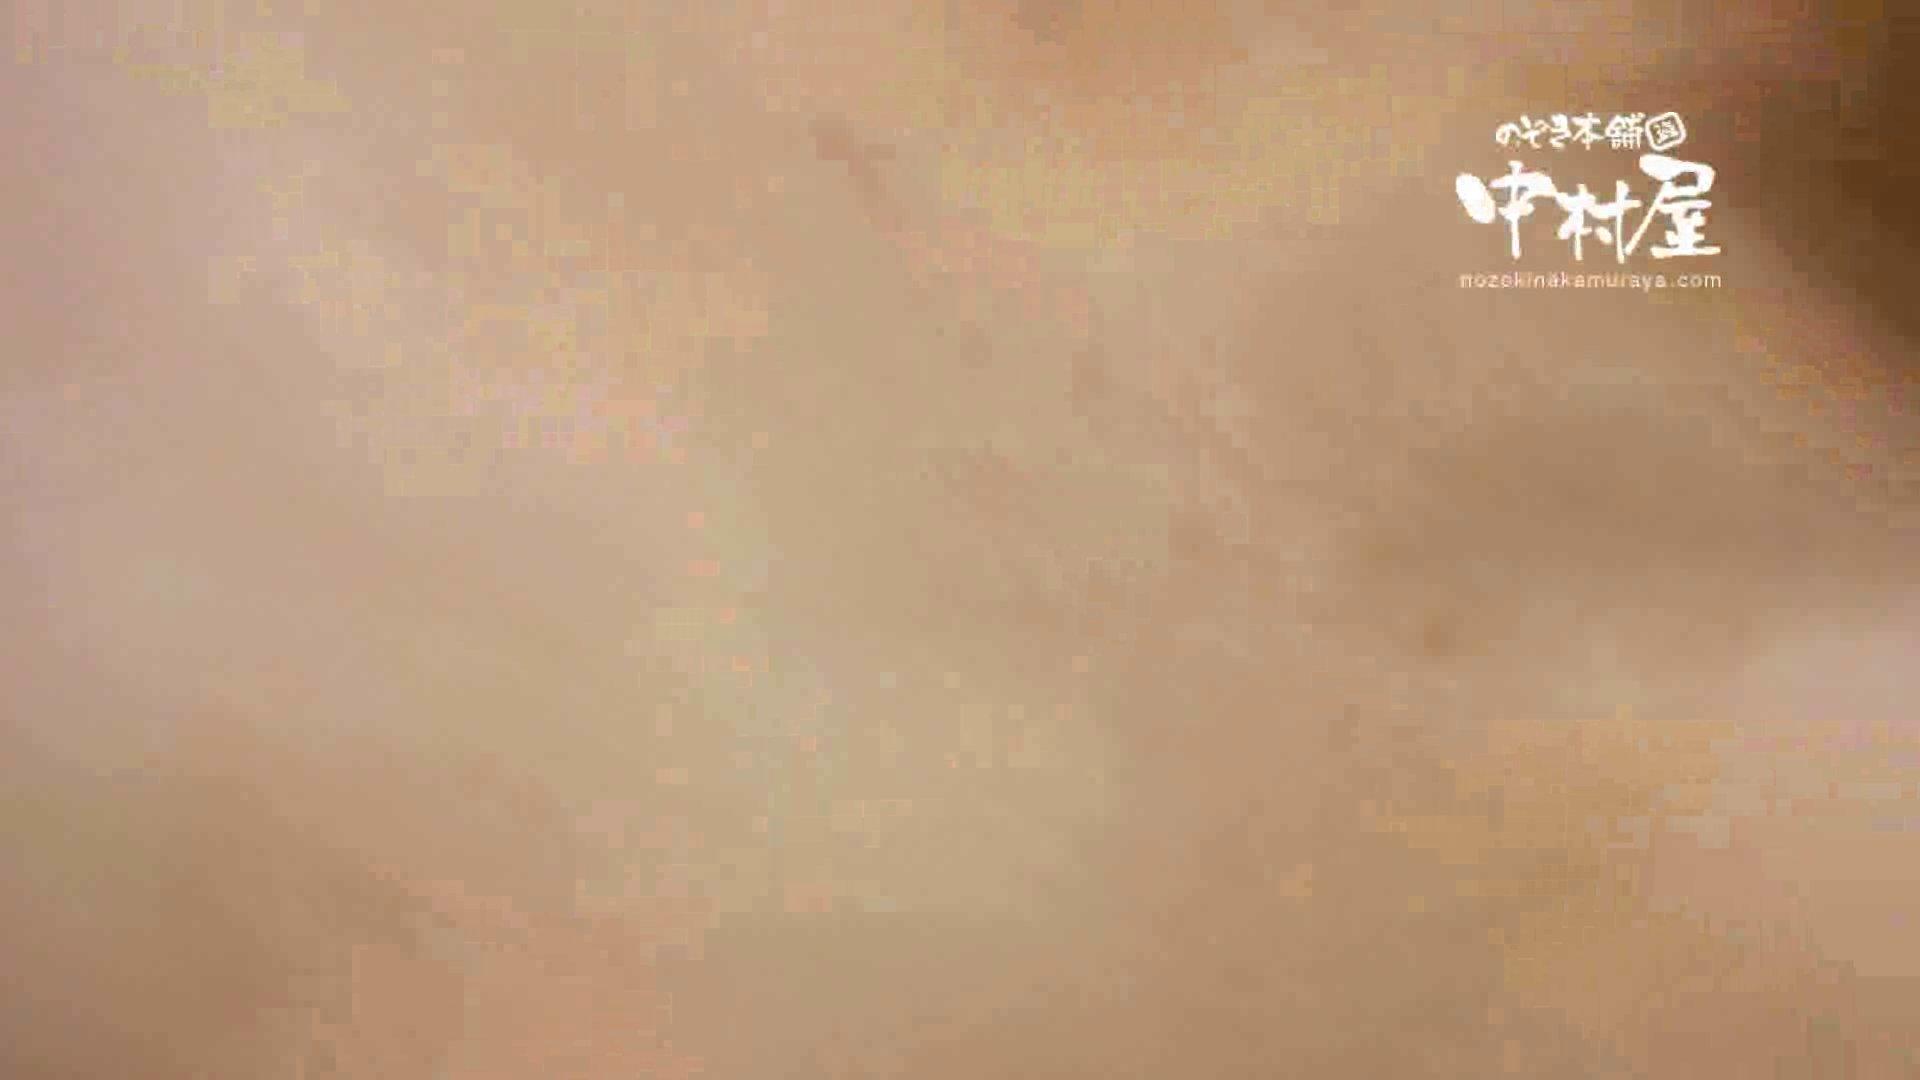 鬼畜 vol.16 実はマンざらでもない柔らかおっぱいちゃん 後編 美しいOLの裸体 盗撮動画紹介 69pic 8